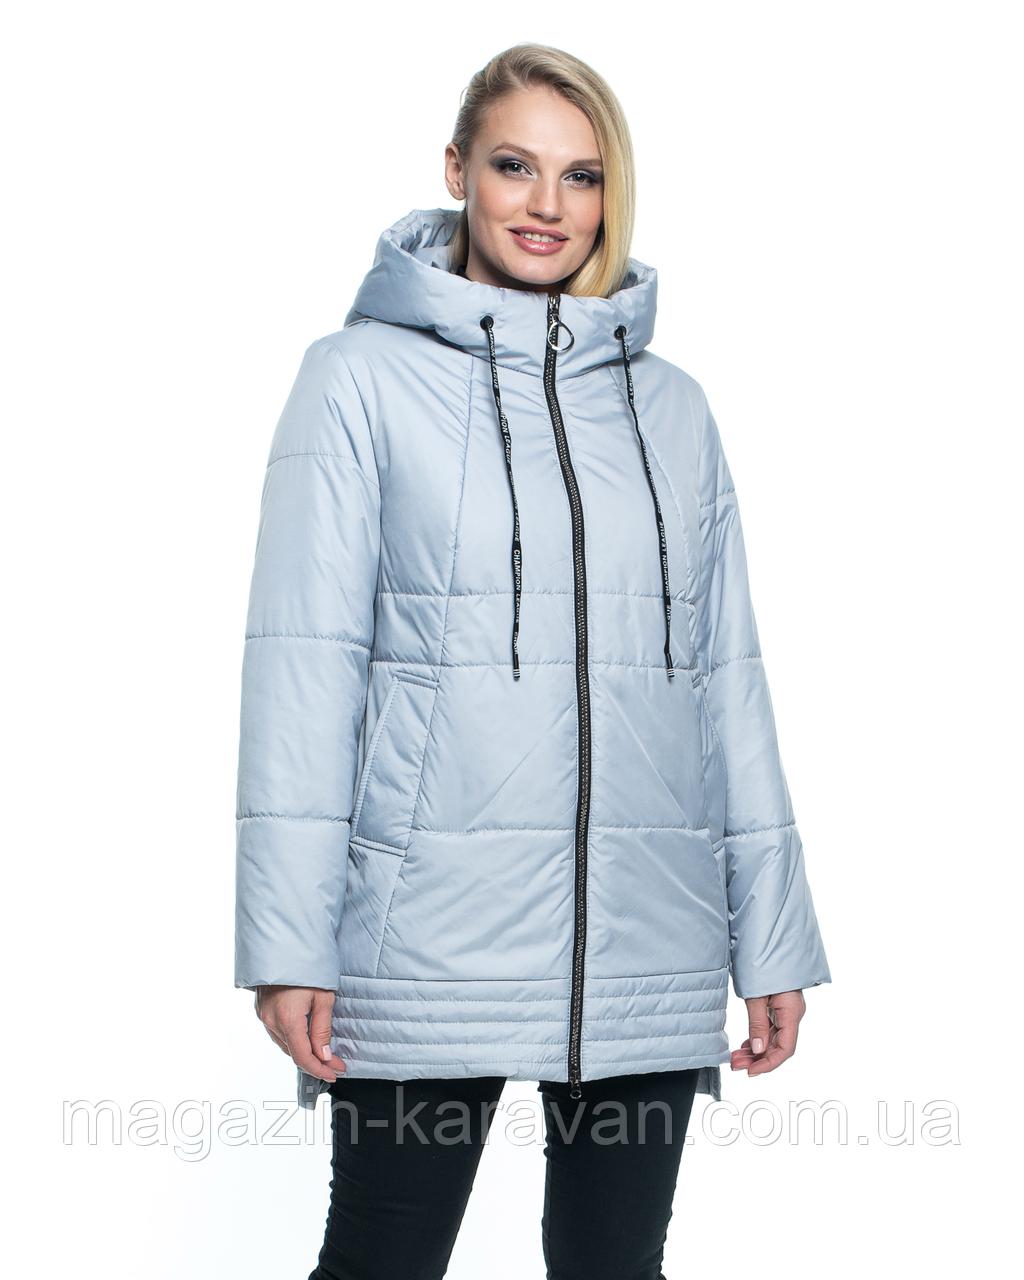 Жемчужная куртка весенняя, арт. КР107 (50-66)